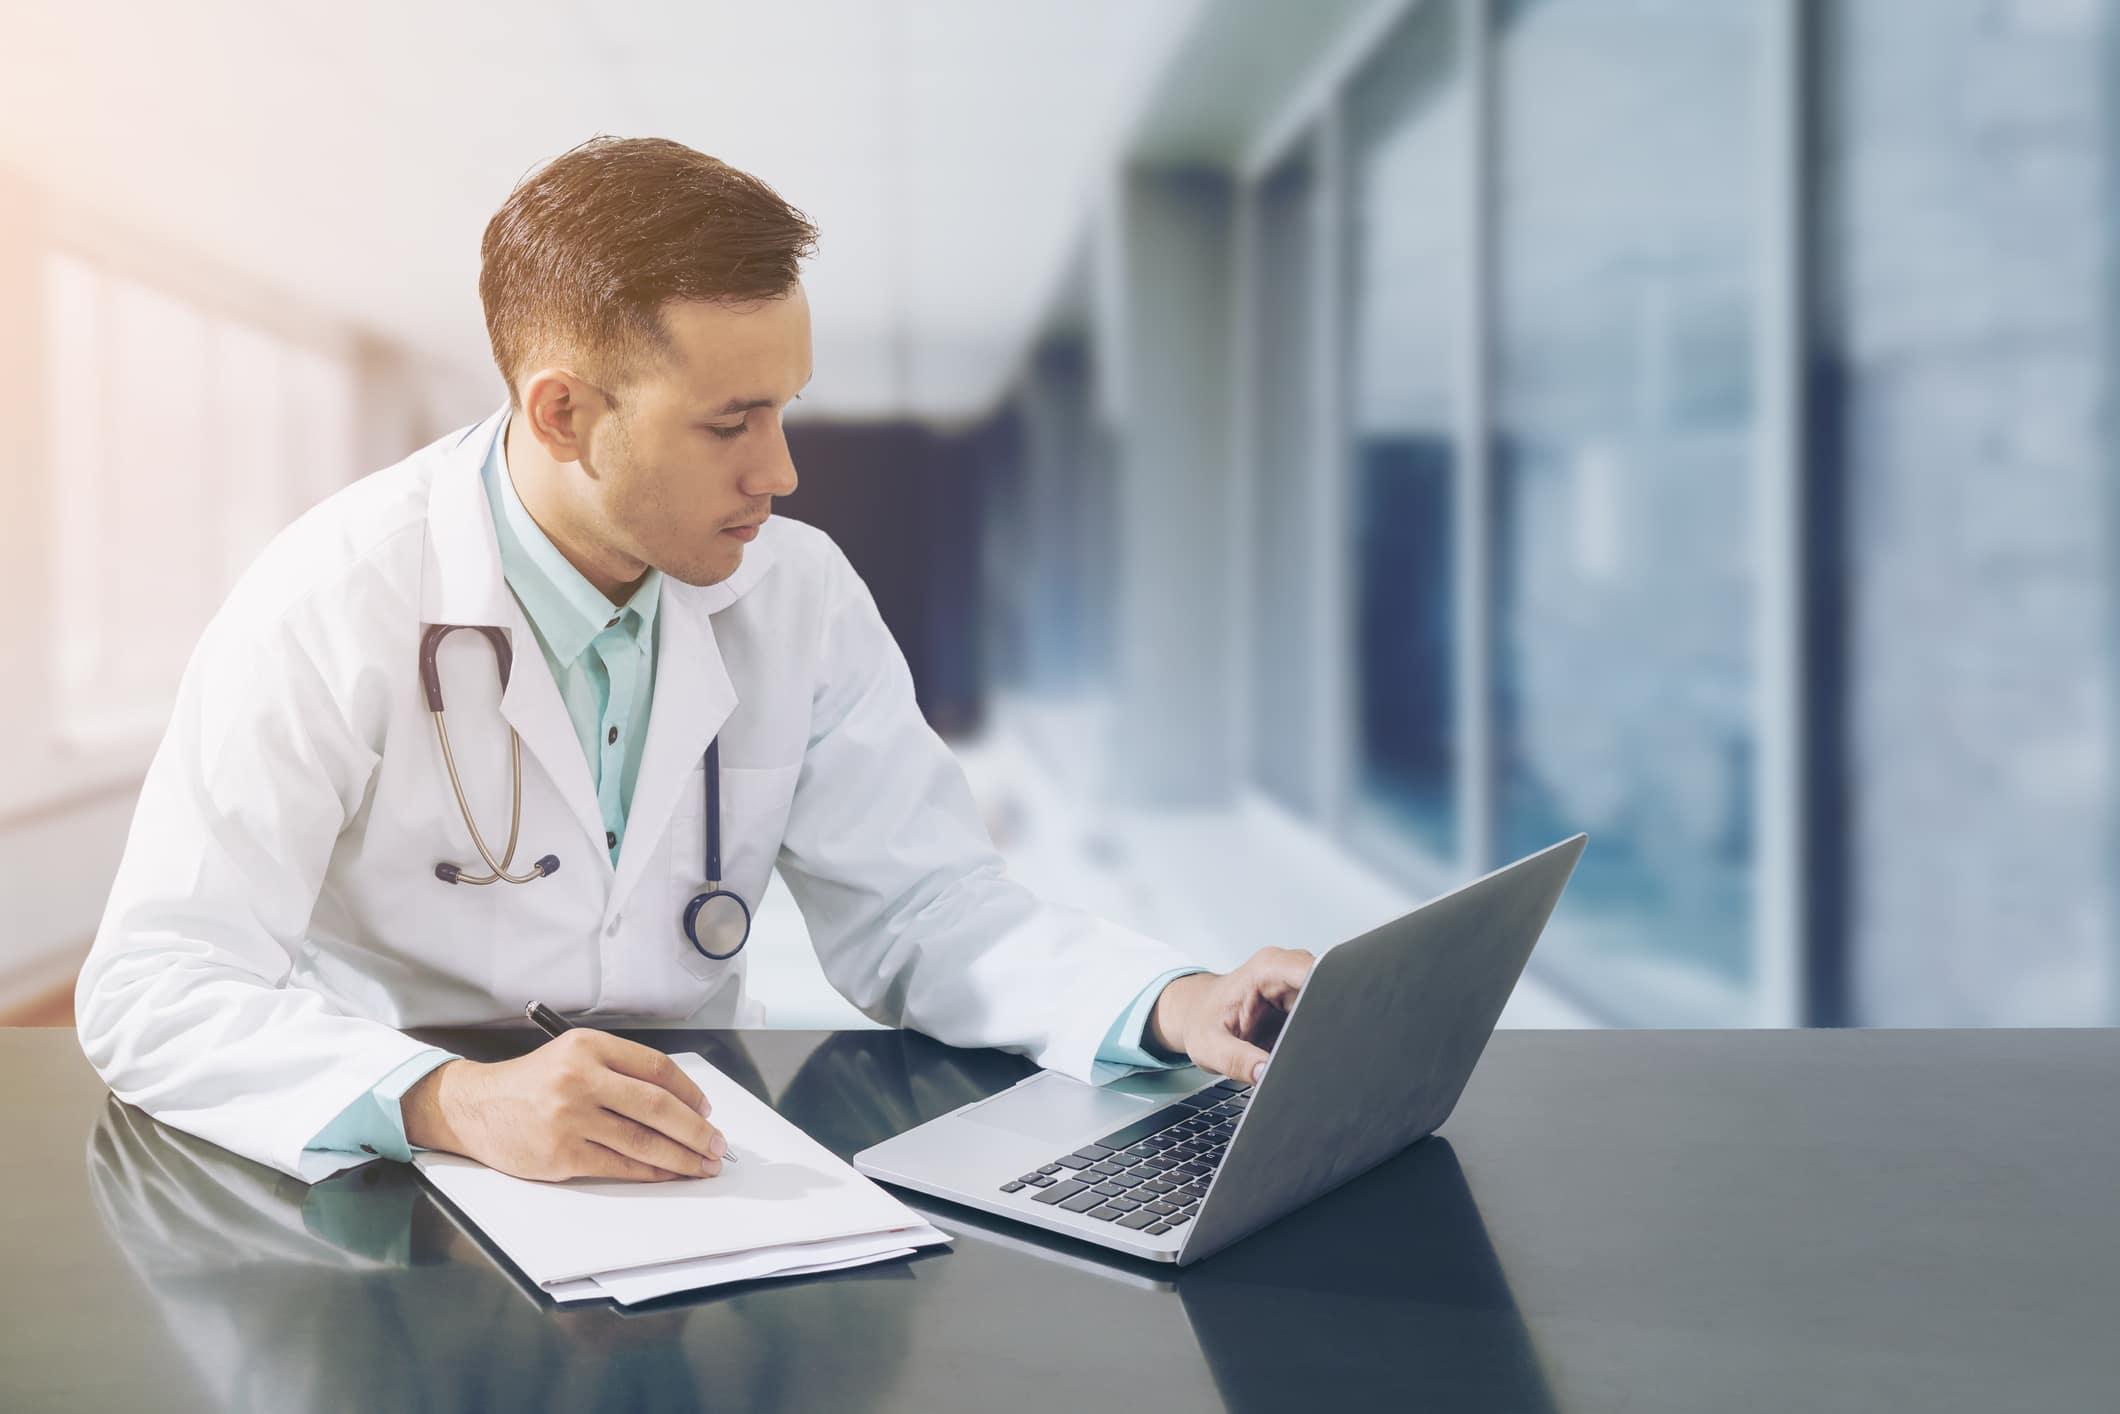 Escolher um bom sistema de gestão para clínicas aumenta a produtividade